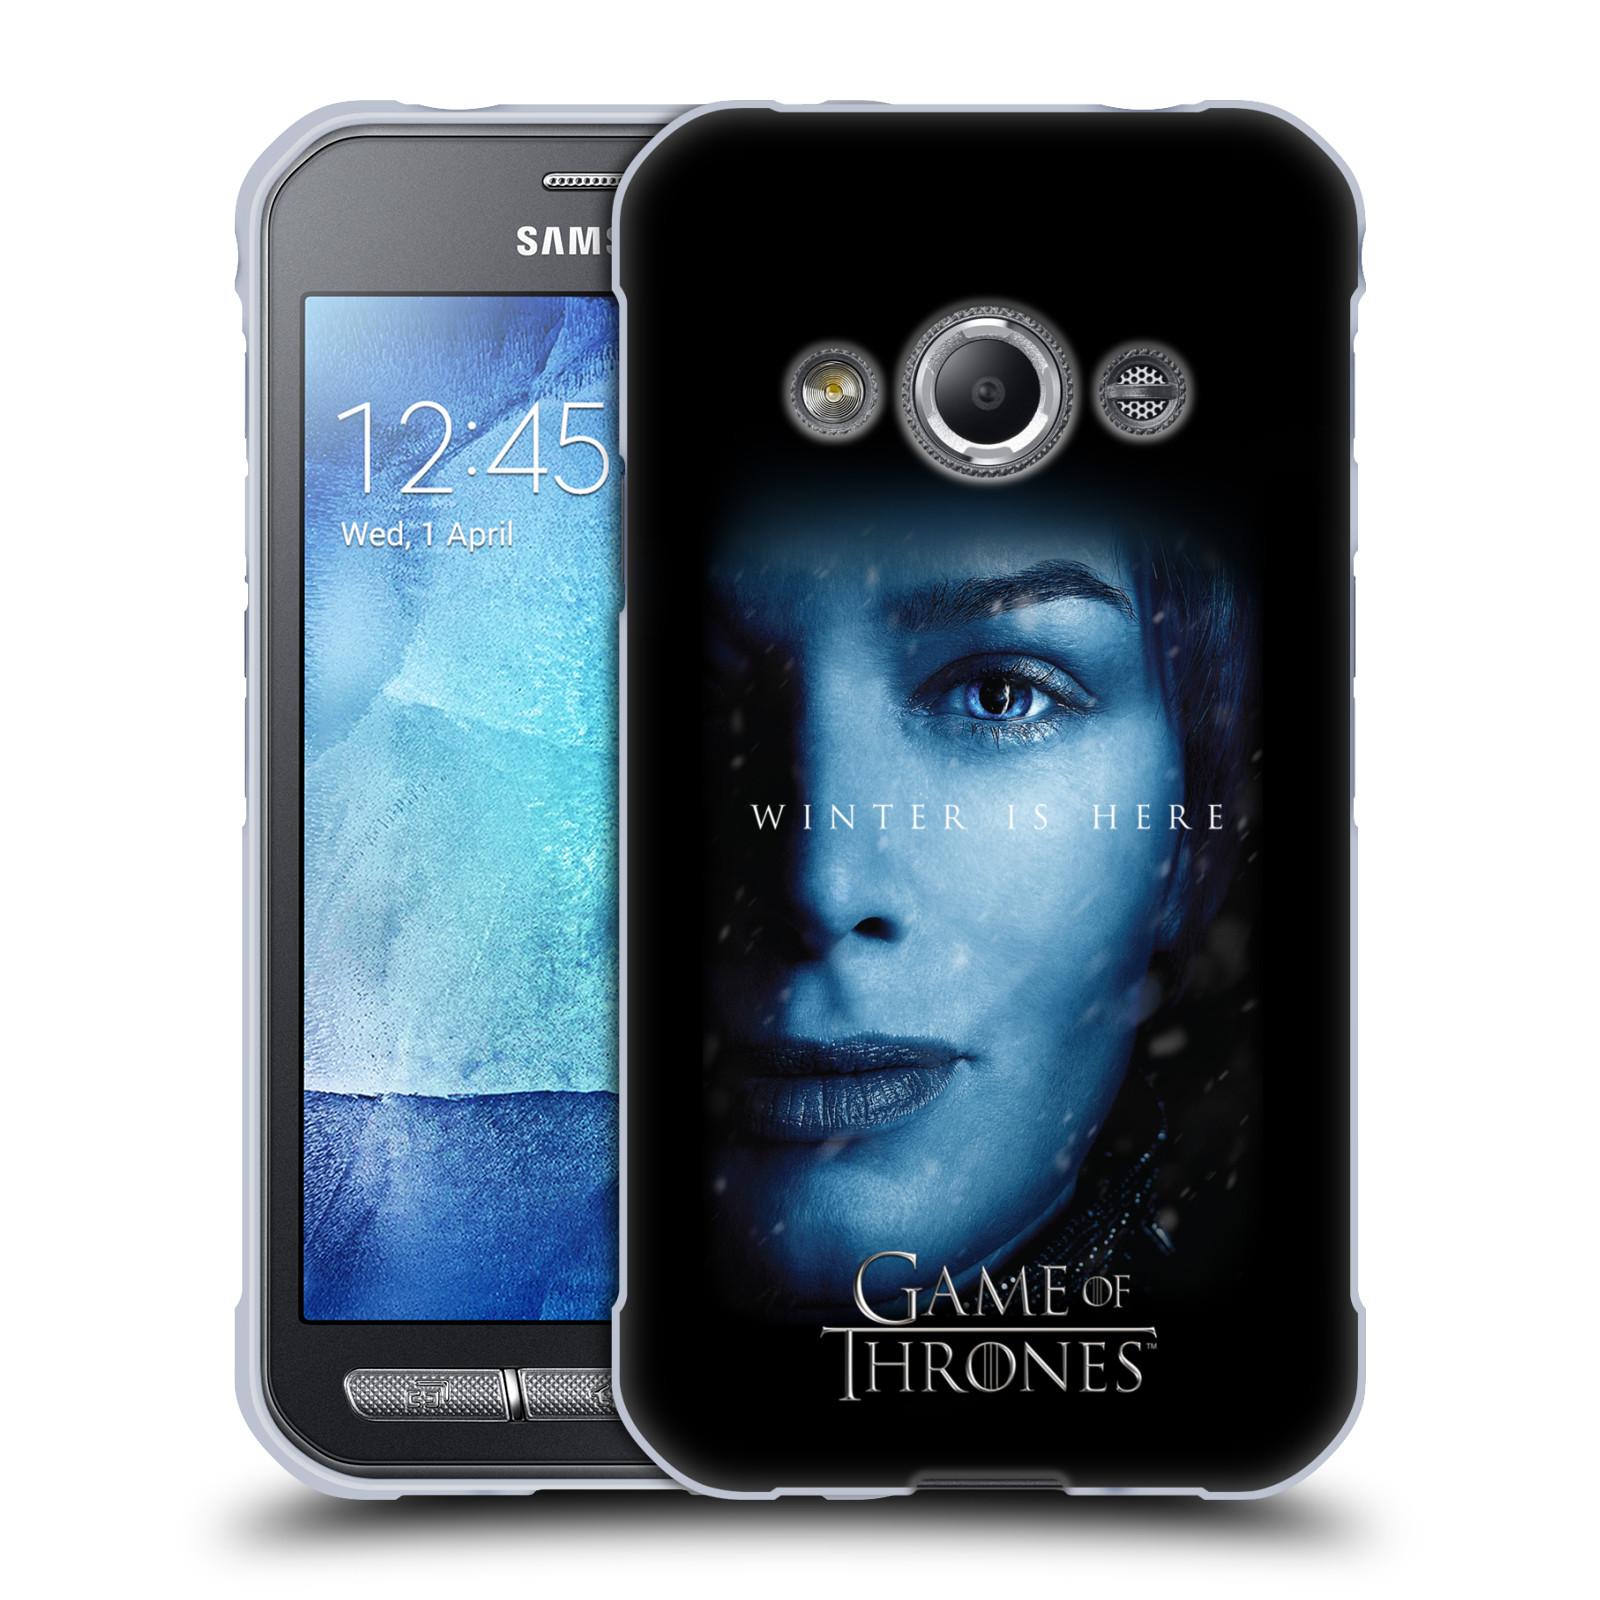 Silikonové pouzdro na mobil Samsung Galaxy Xcover 3 - Head Case - Hra o trůny - Cersei Lannister - Winter is here (Silikonový kryt či obal na mobilní telefon s motivem Game of Thrones - Cersei Lannister - Winter is here - Season 7 pro Samsung Galaxy Xcove